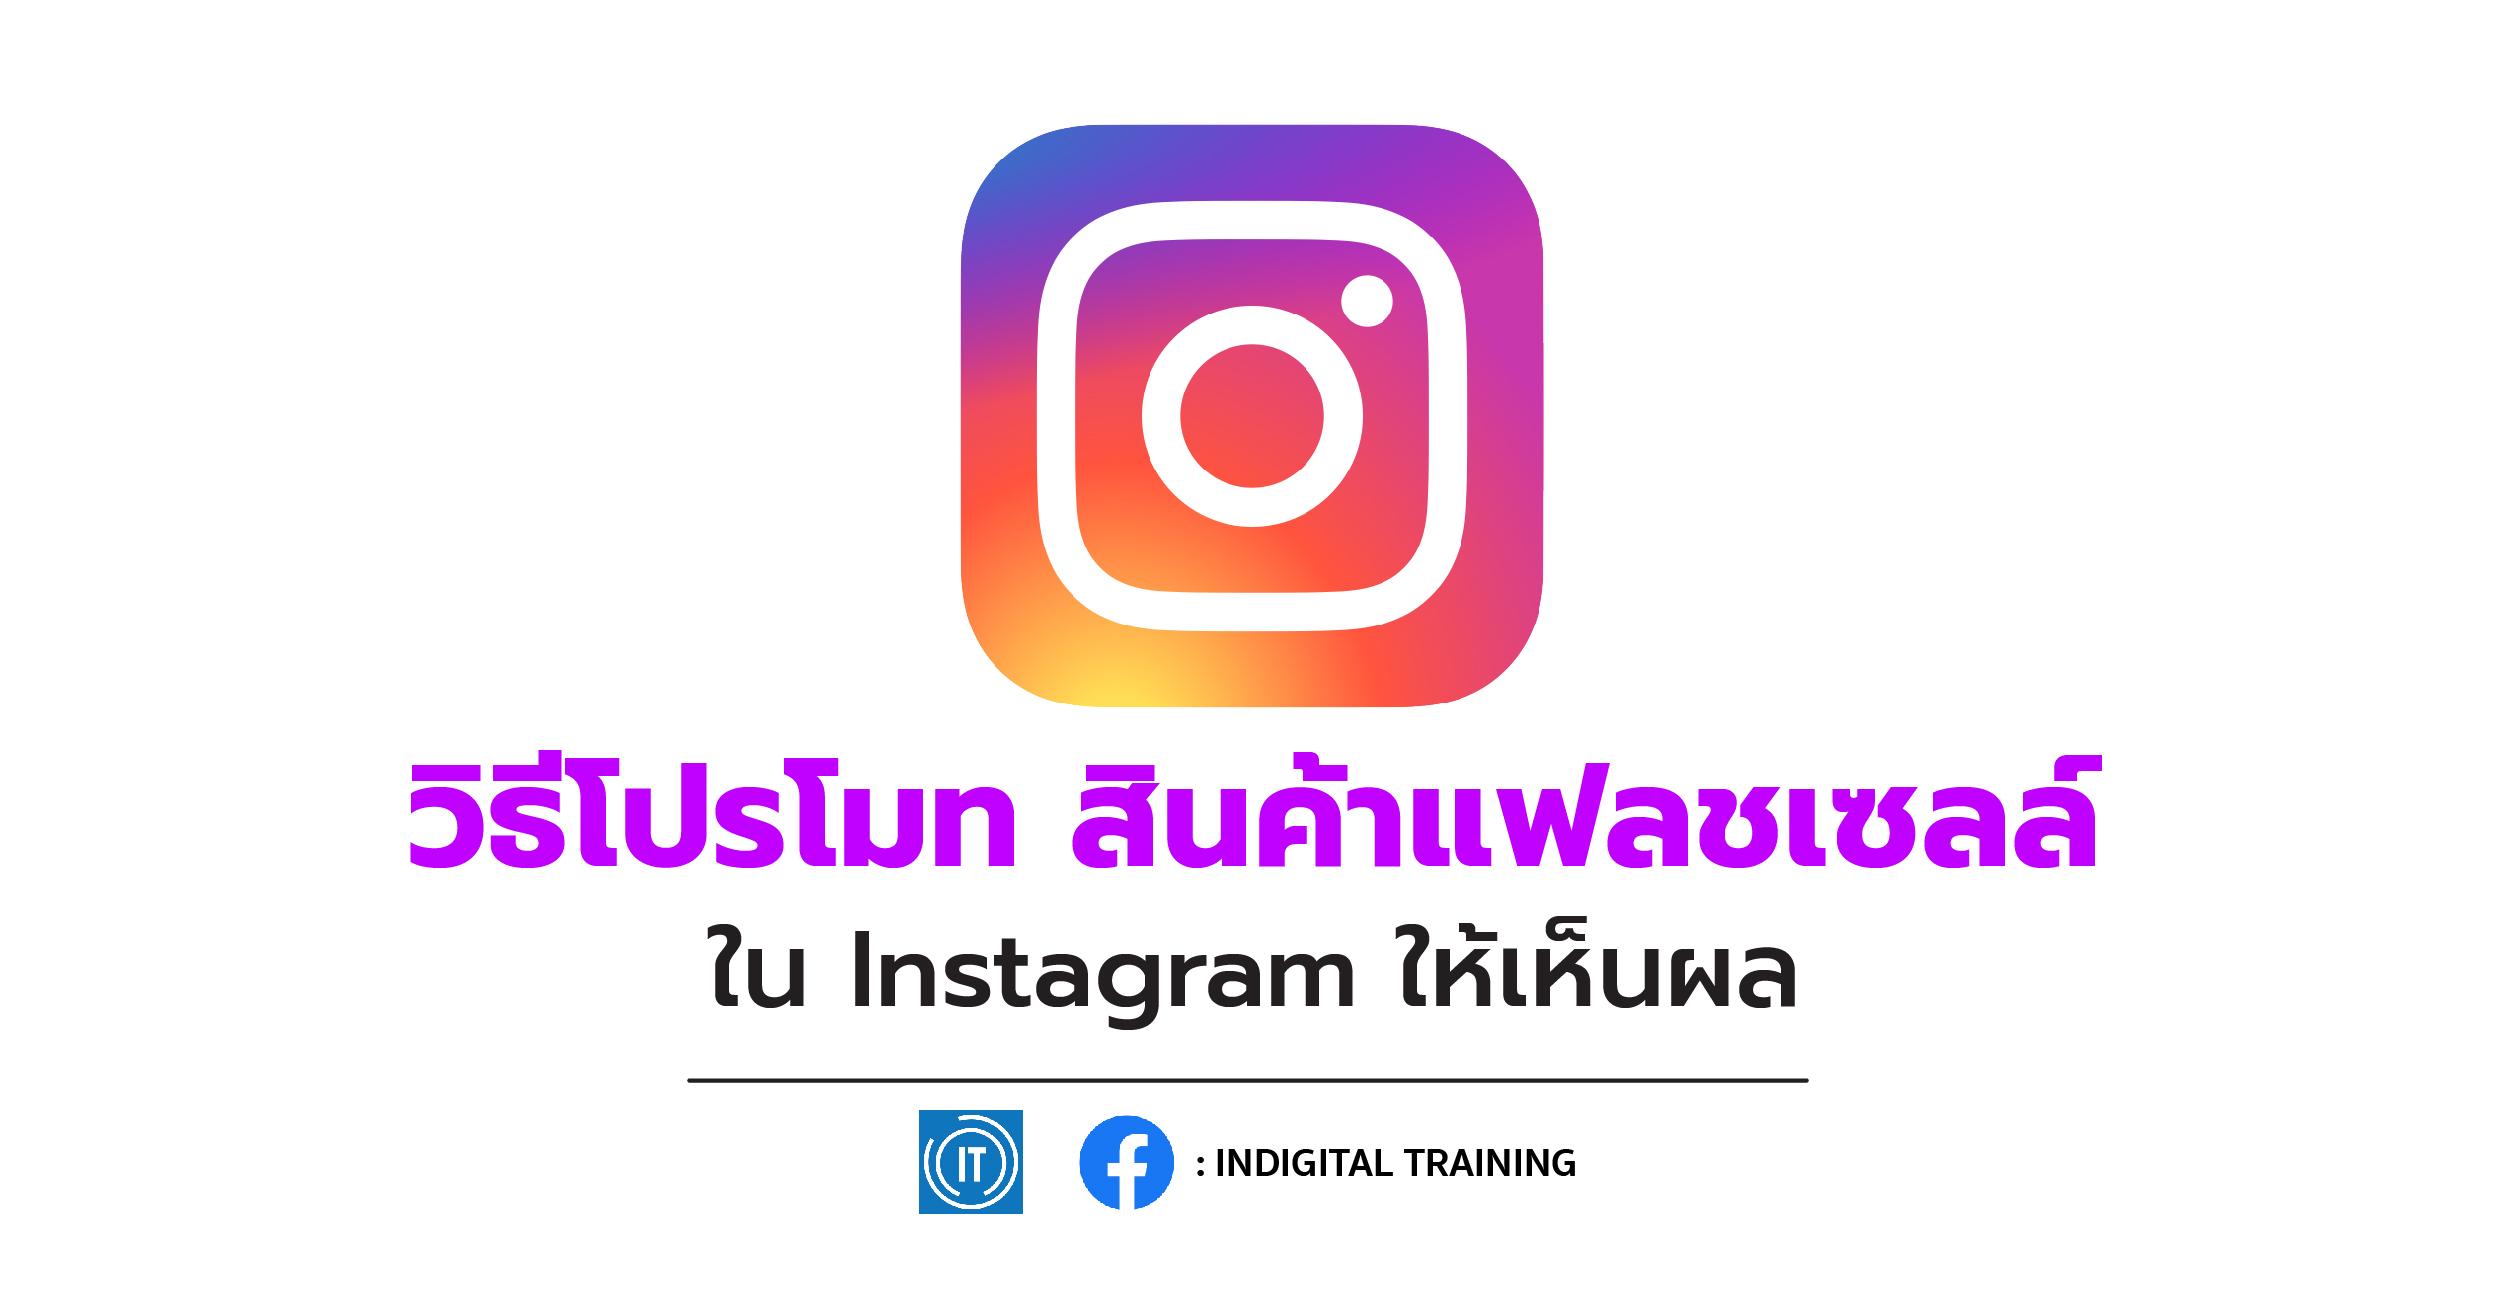 วิธีโปรโมท สินค้าแฟลชเซลล์ใน Instagram ให้เห็นผล